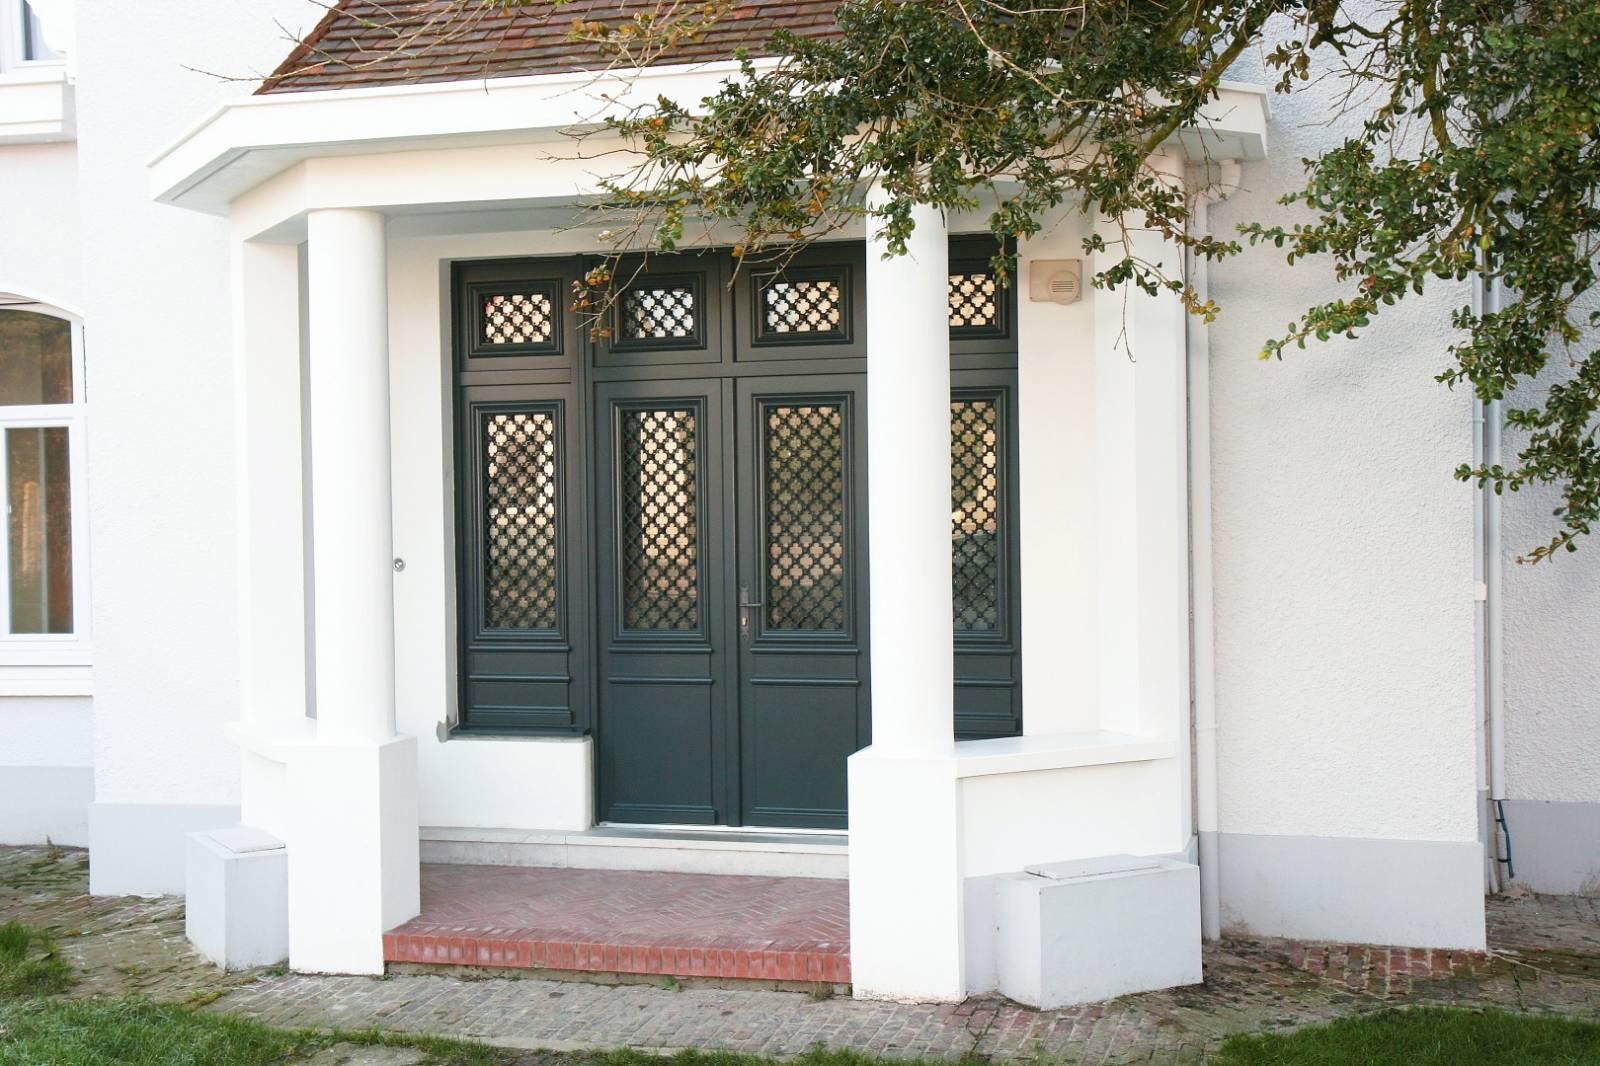 Installateur de portes d entrée en bois BEL M à Toulouse ... 7567b975984